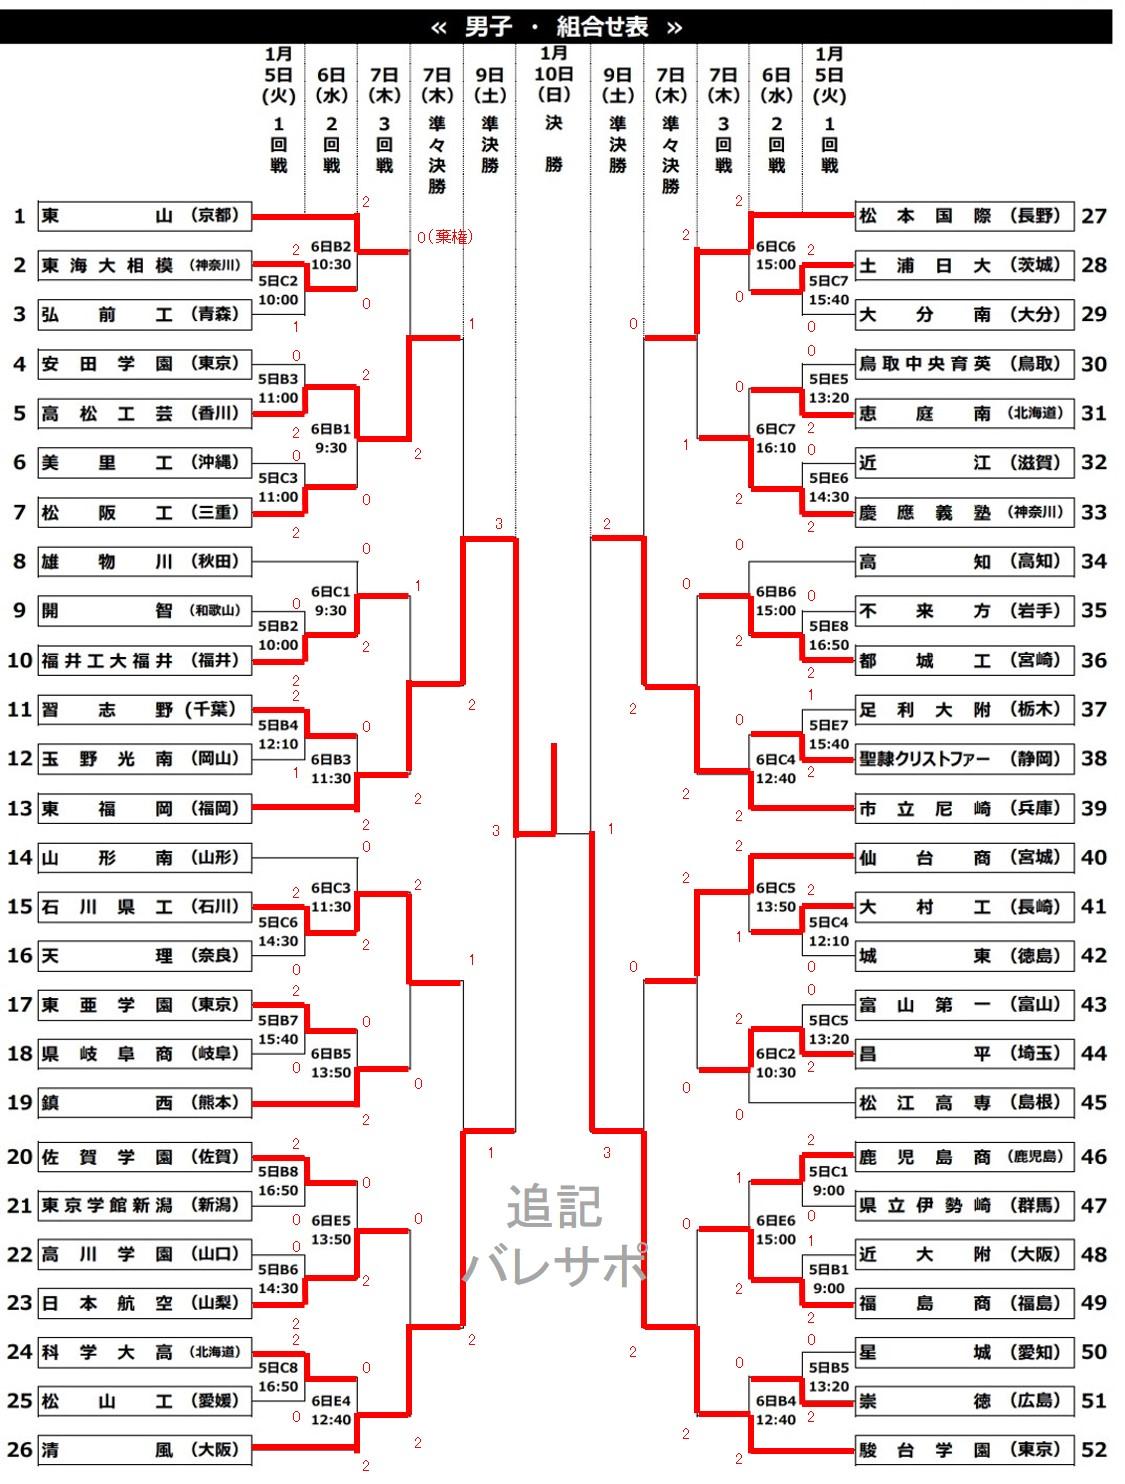 2020年度_全日本高校選手権_全国_男子_最終結果